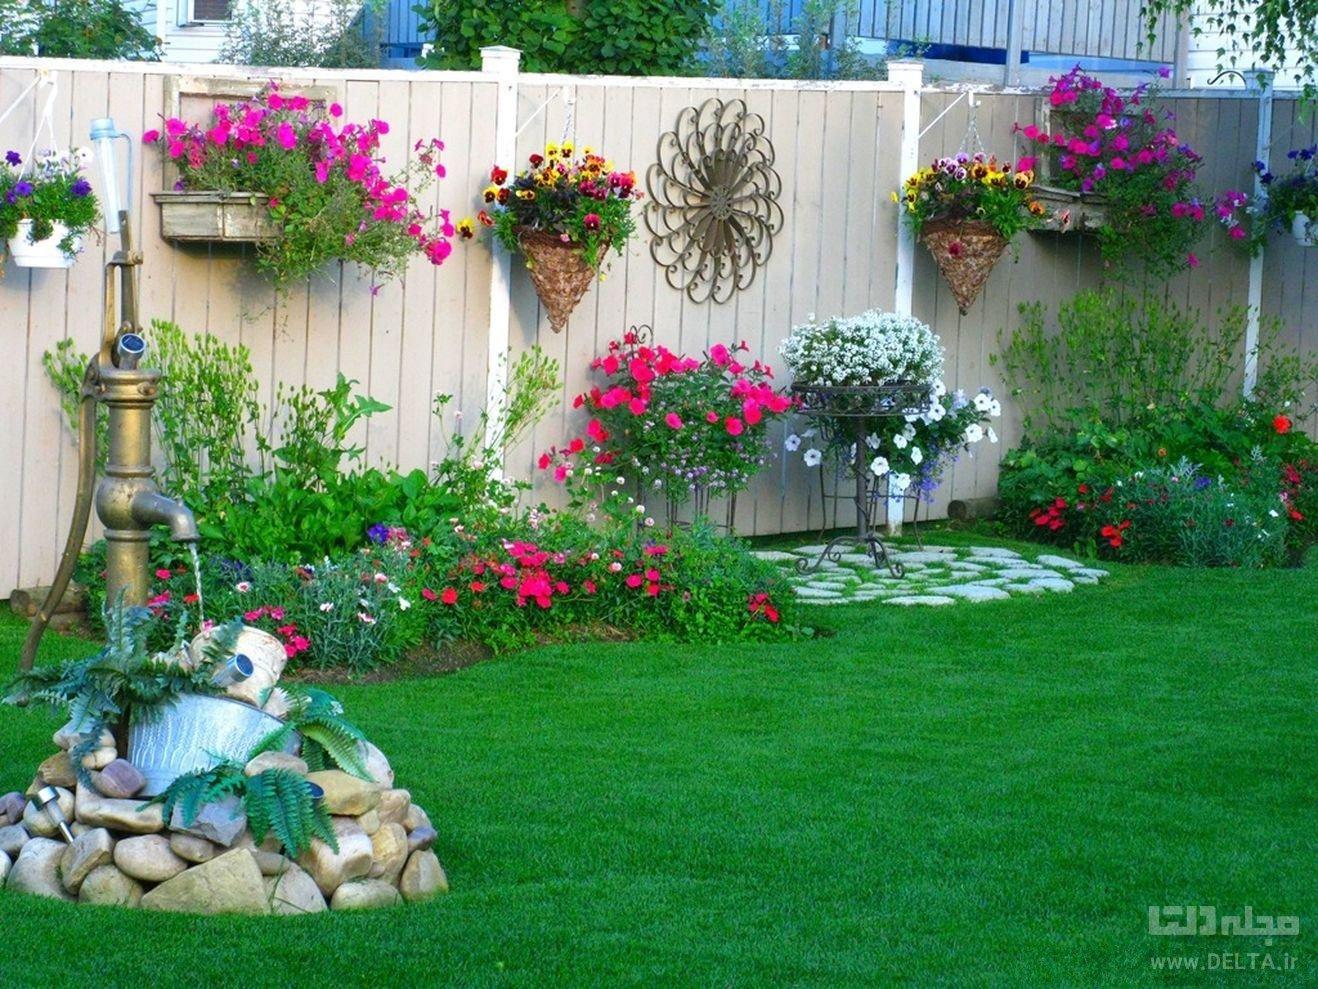 تزیین باغچه